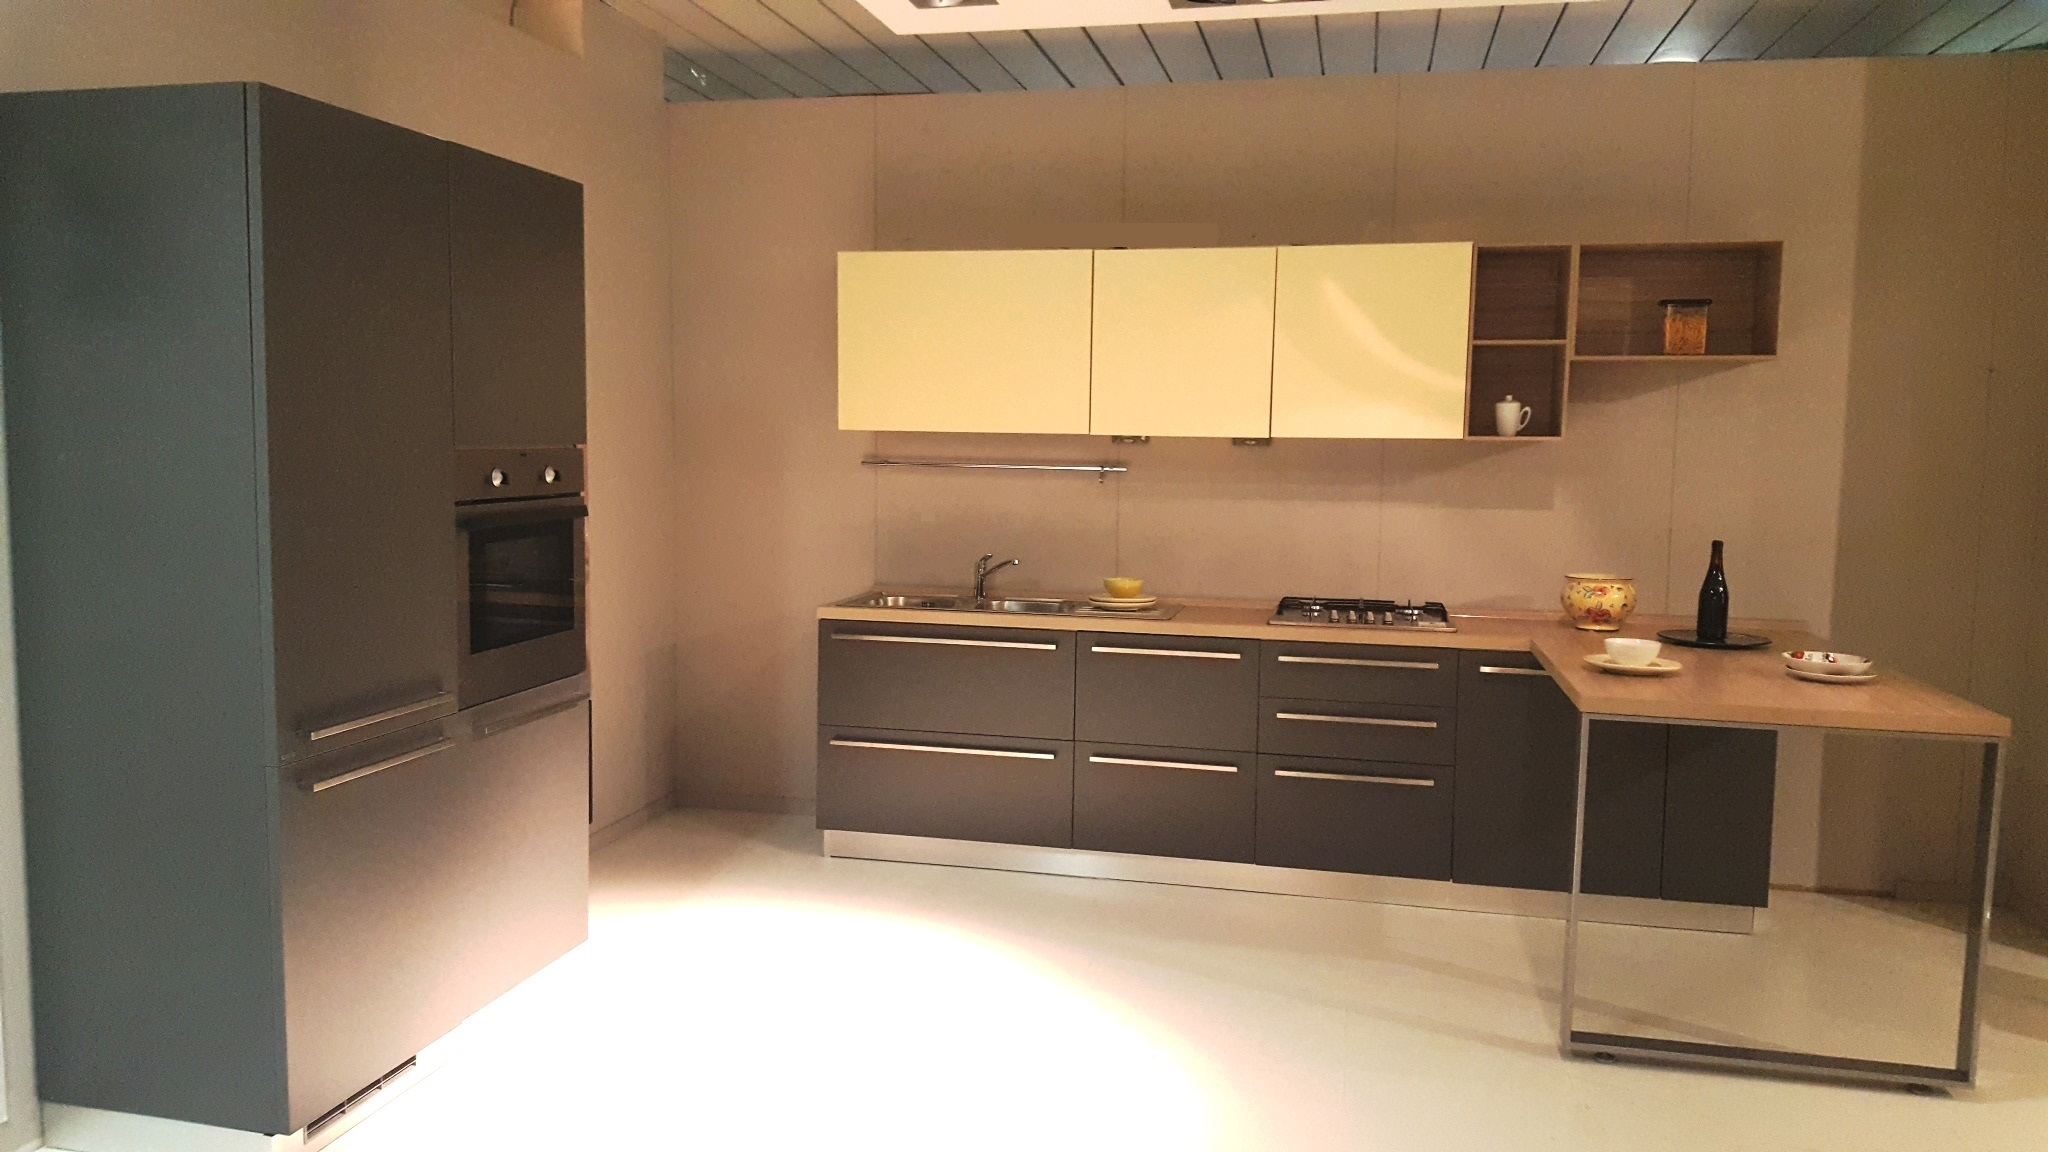 Cucina scavolini feel prezzo scontato 45 reale cucine a - Prezzo cucine scavolini ...